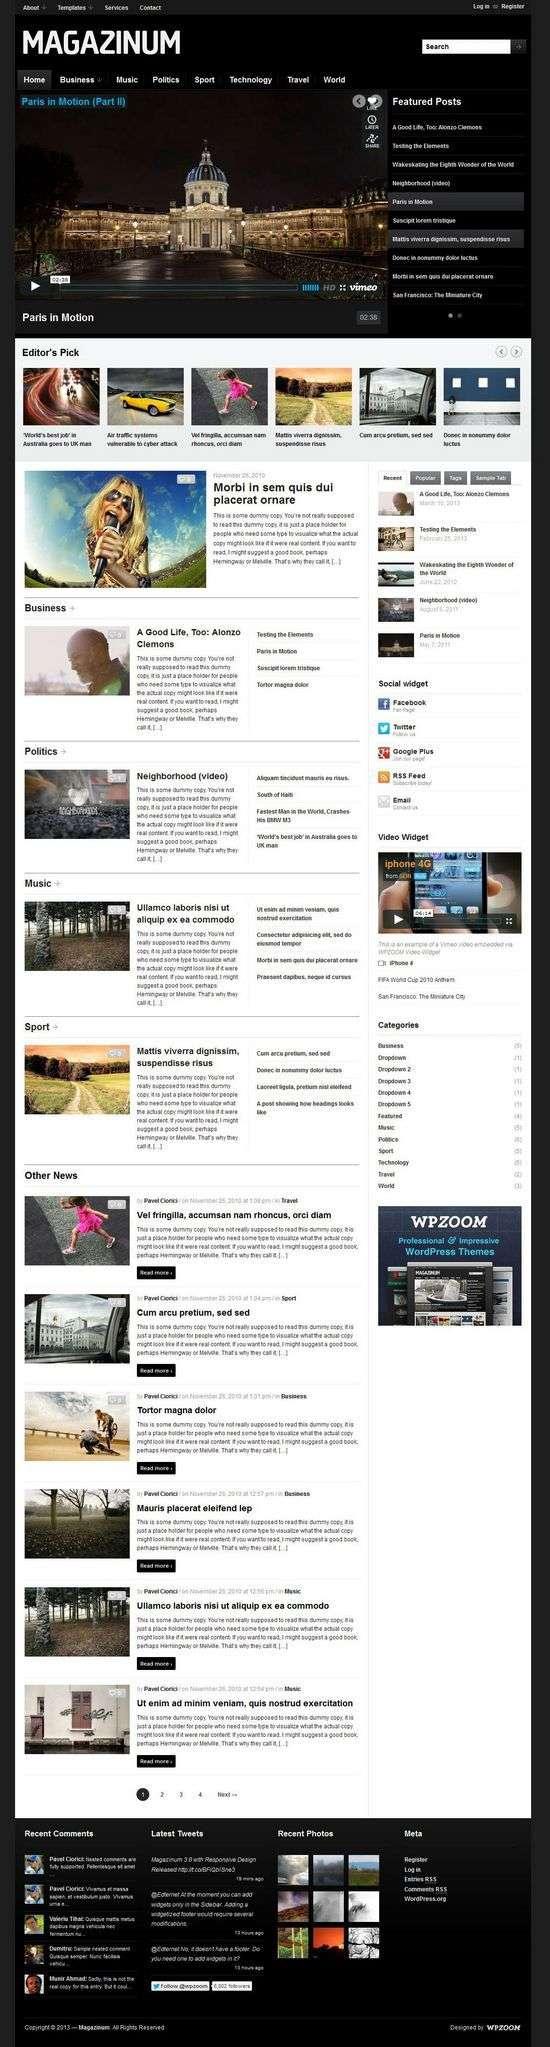 magazinum wpzoom avjthemescom 1 - Magazinum 3.0 WordPress Theme